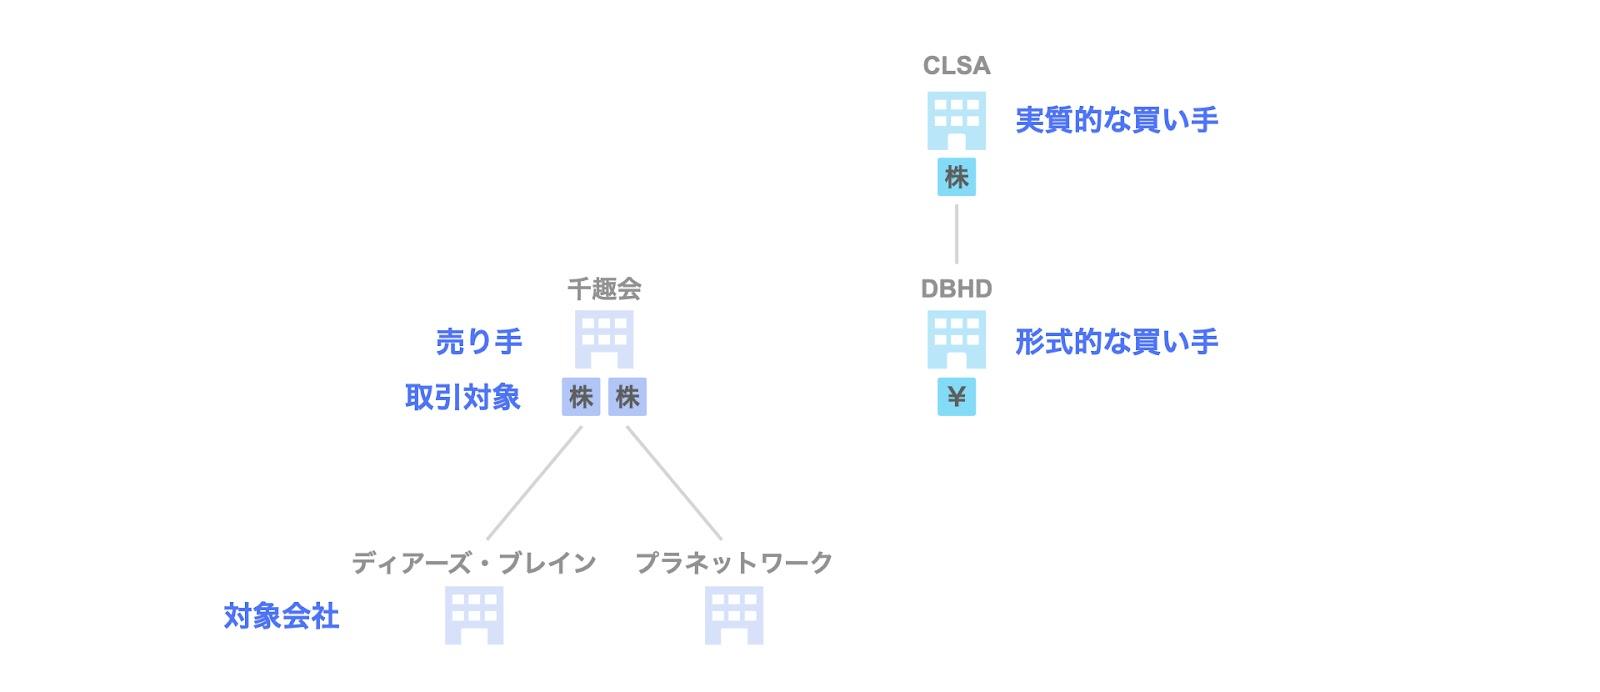 投資事例:CLSAによる千趣会子会社への投資案件の関係者